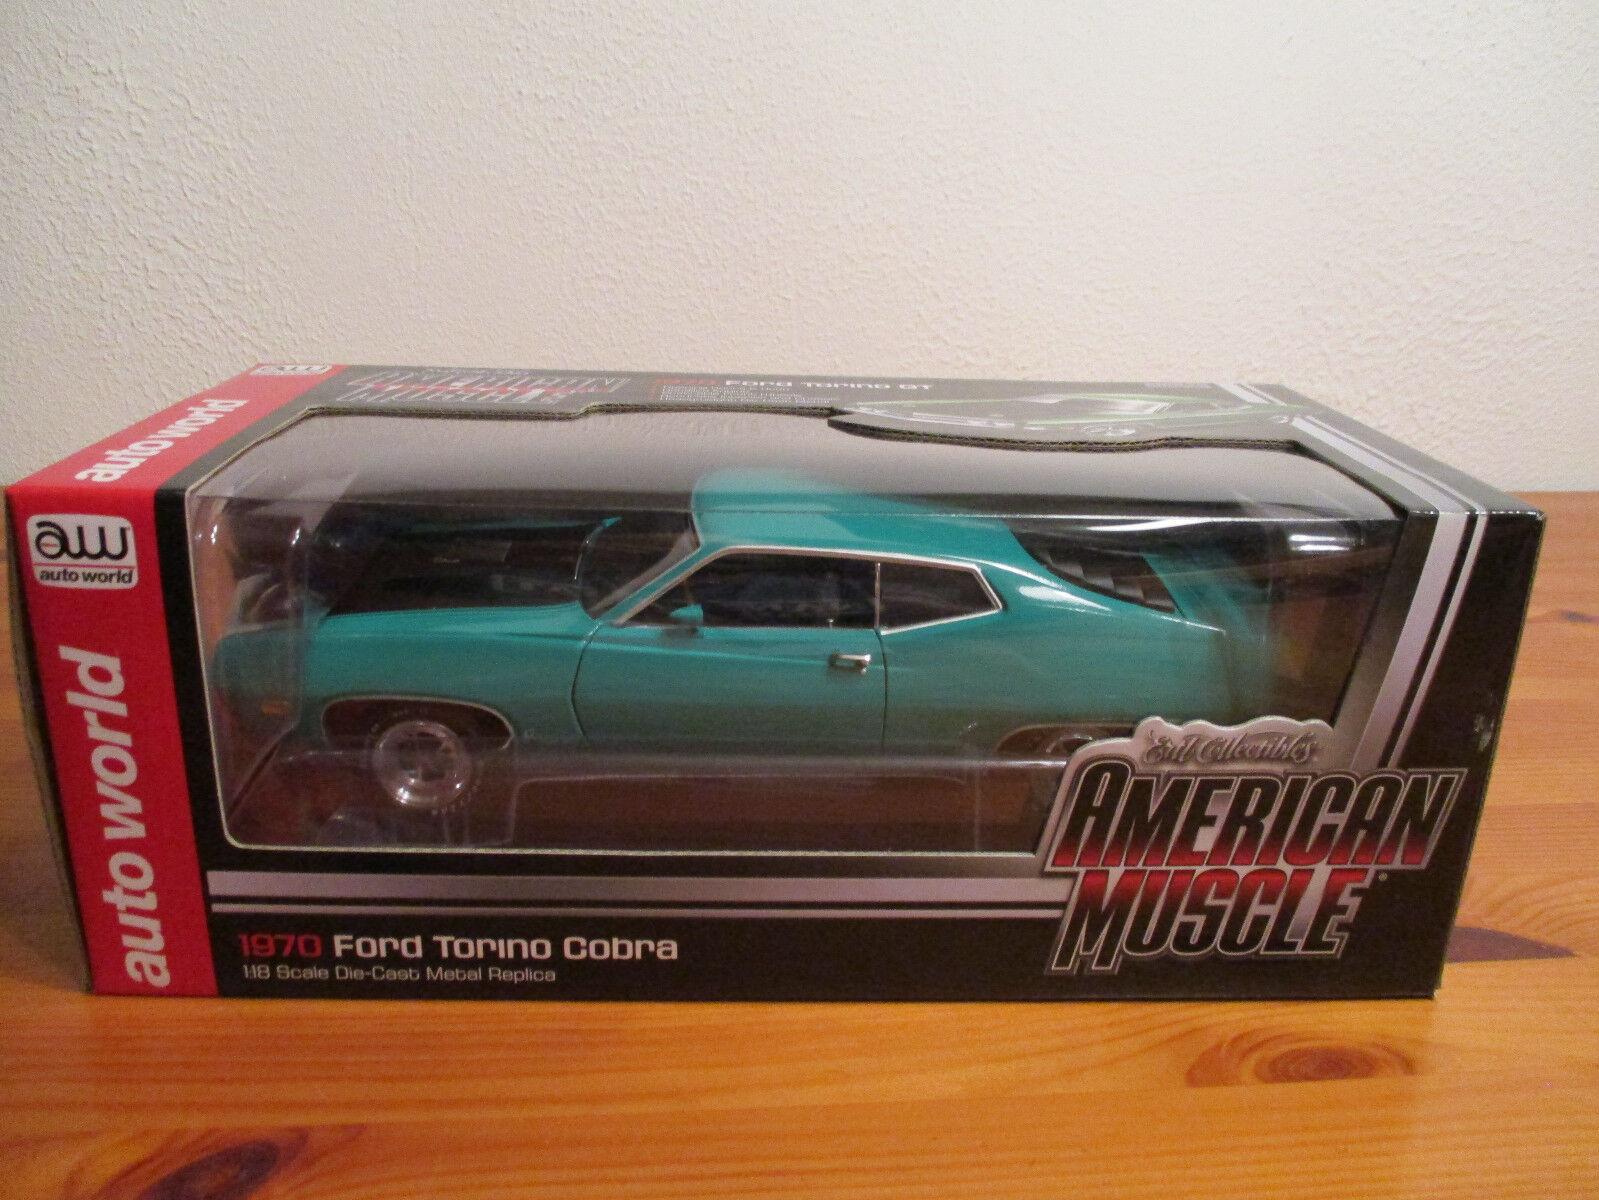 1:18 ERTL American Muscle 1970 FORD TORINO Cobra nouveau neuf dans sa boîte | Simple D'utilisation  | Art Exquis  | Finement Traité